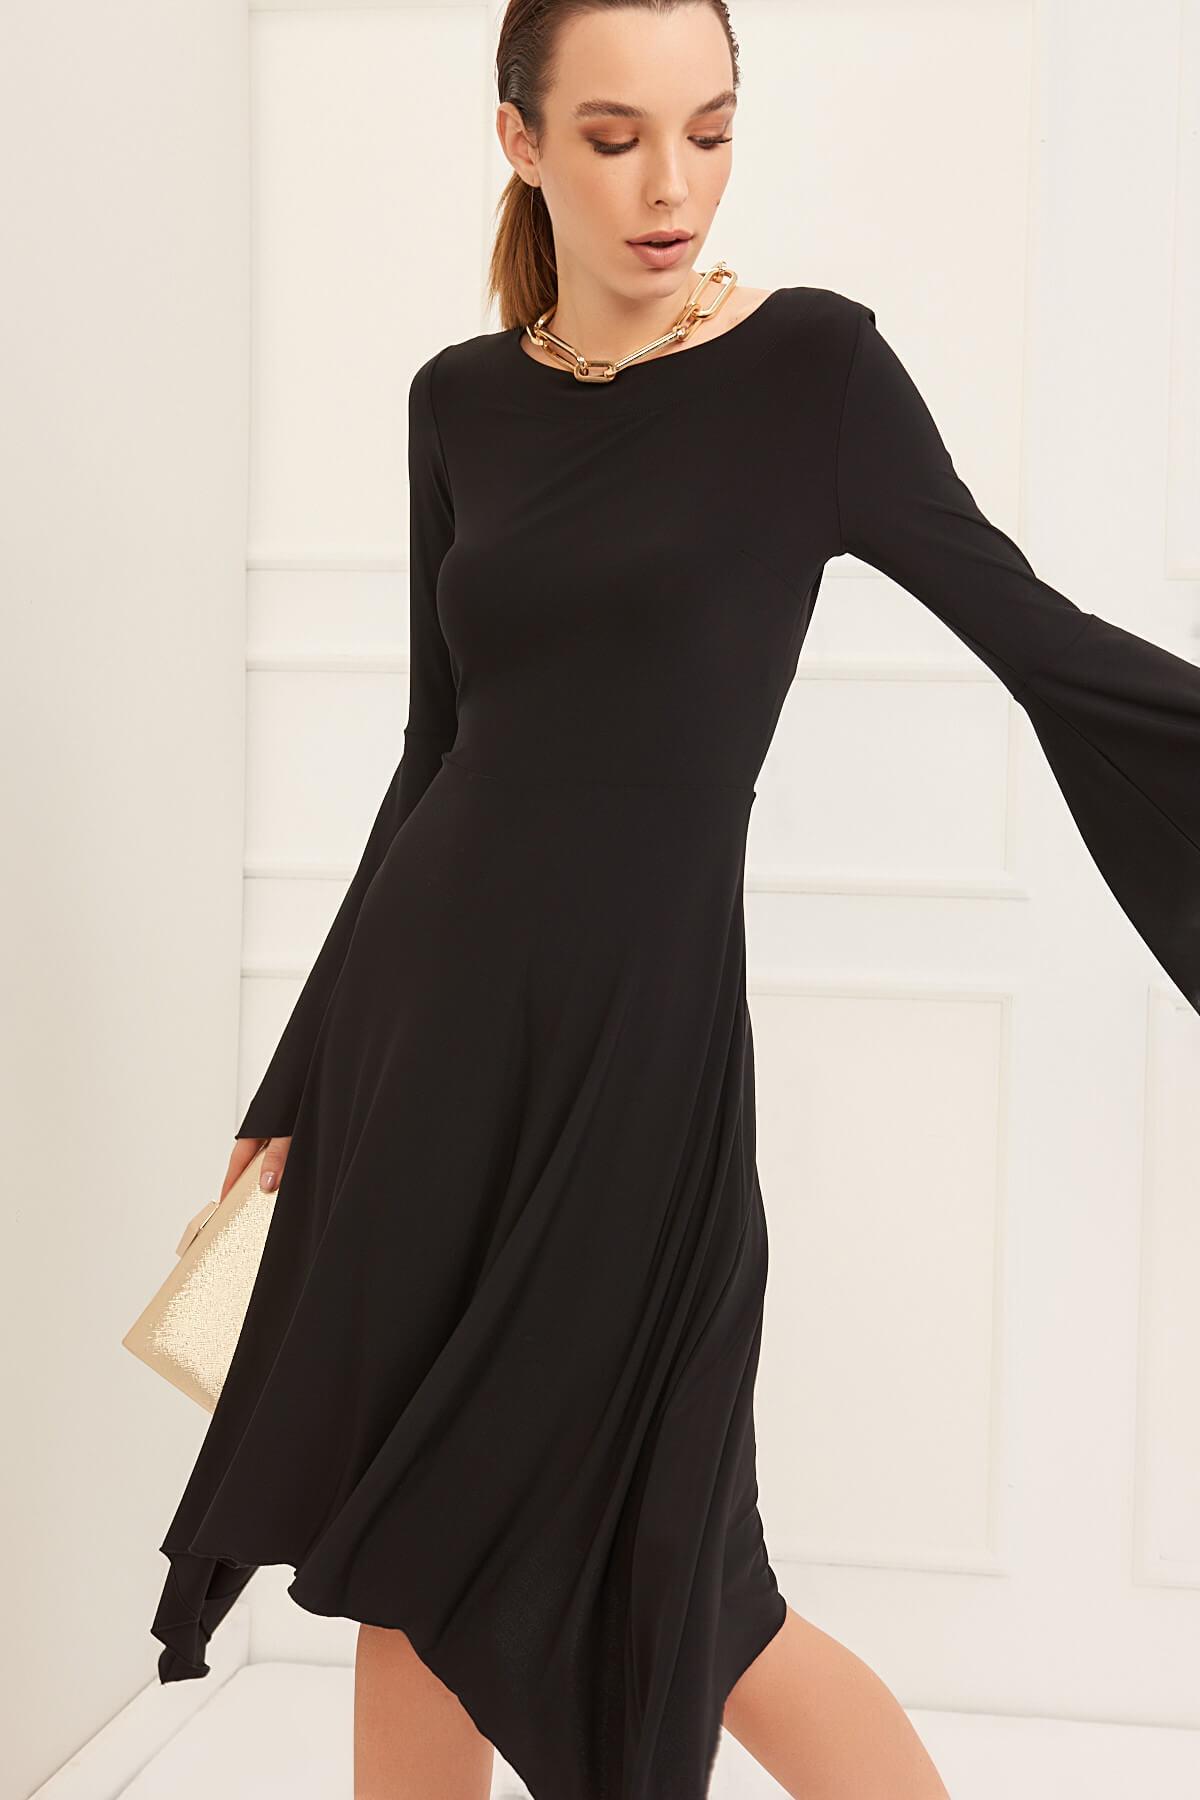 Laranor Kadın Siyah Asimetrik Kesim Elbise 19L6477 1